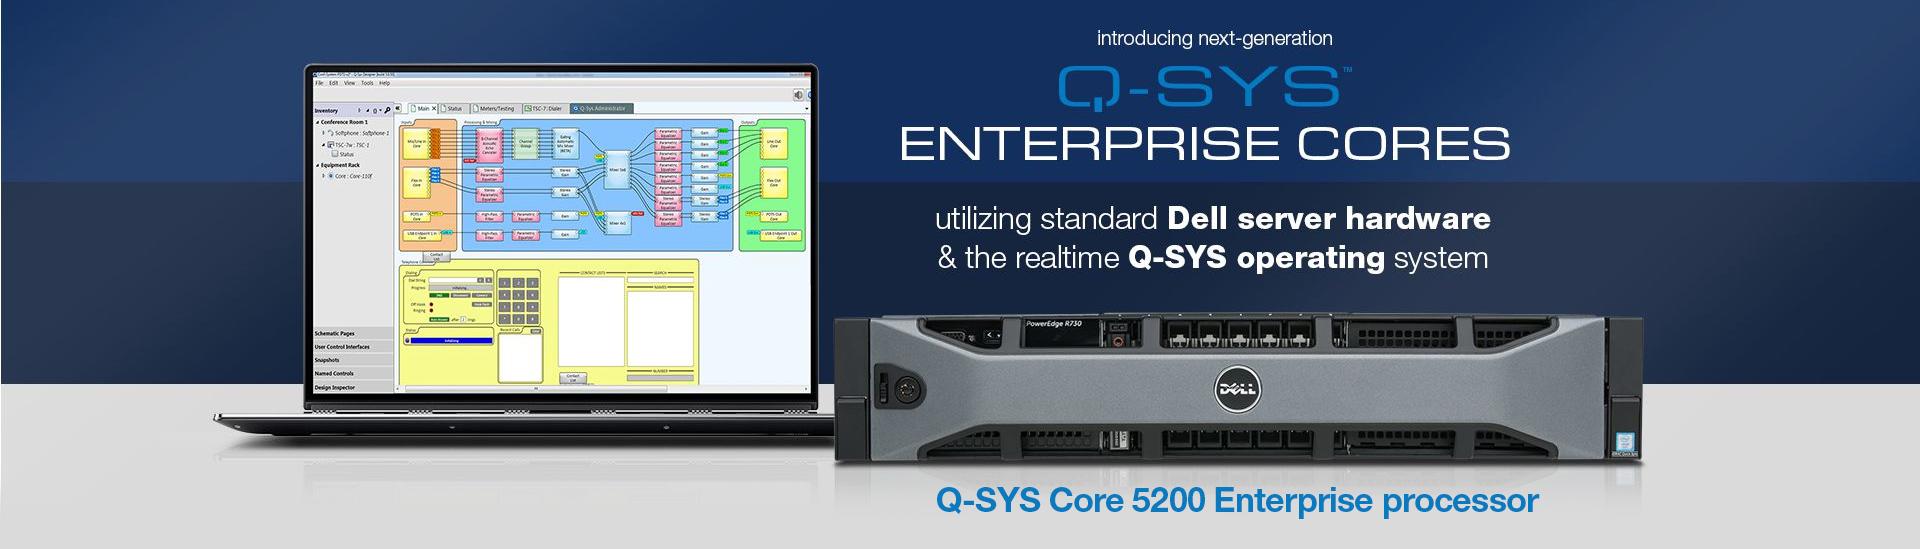 Enterprise-wide Audio, Video, & Control - Solutions - Q-SYS Platform